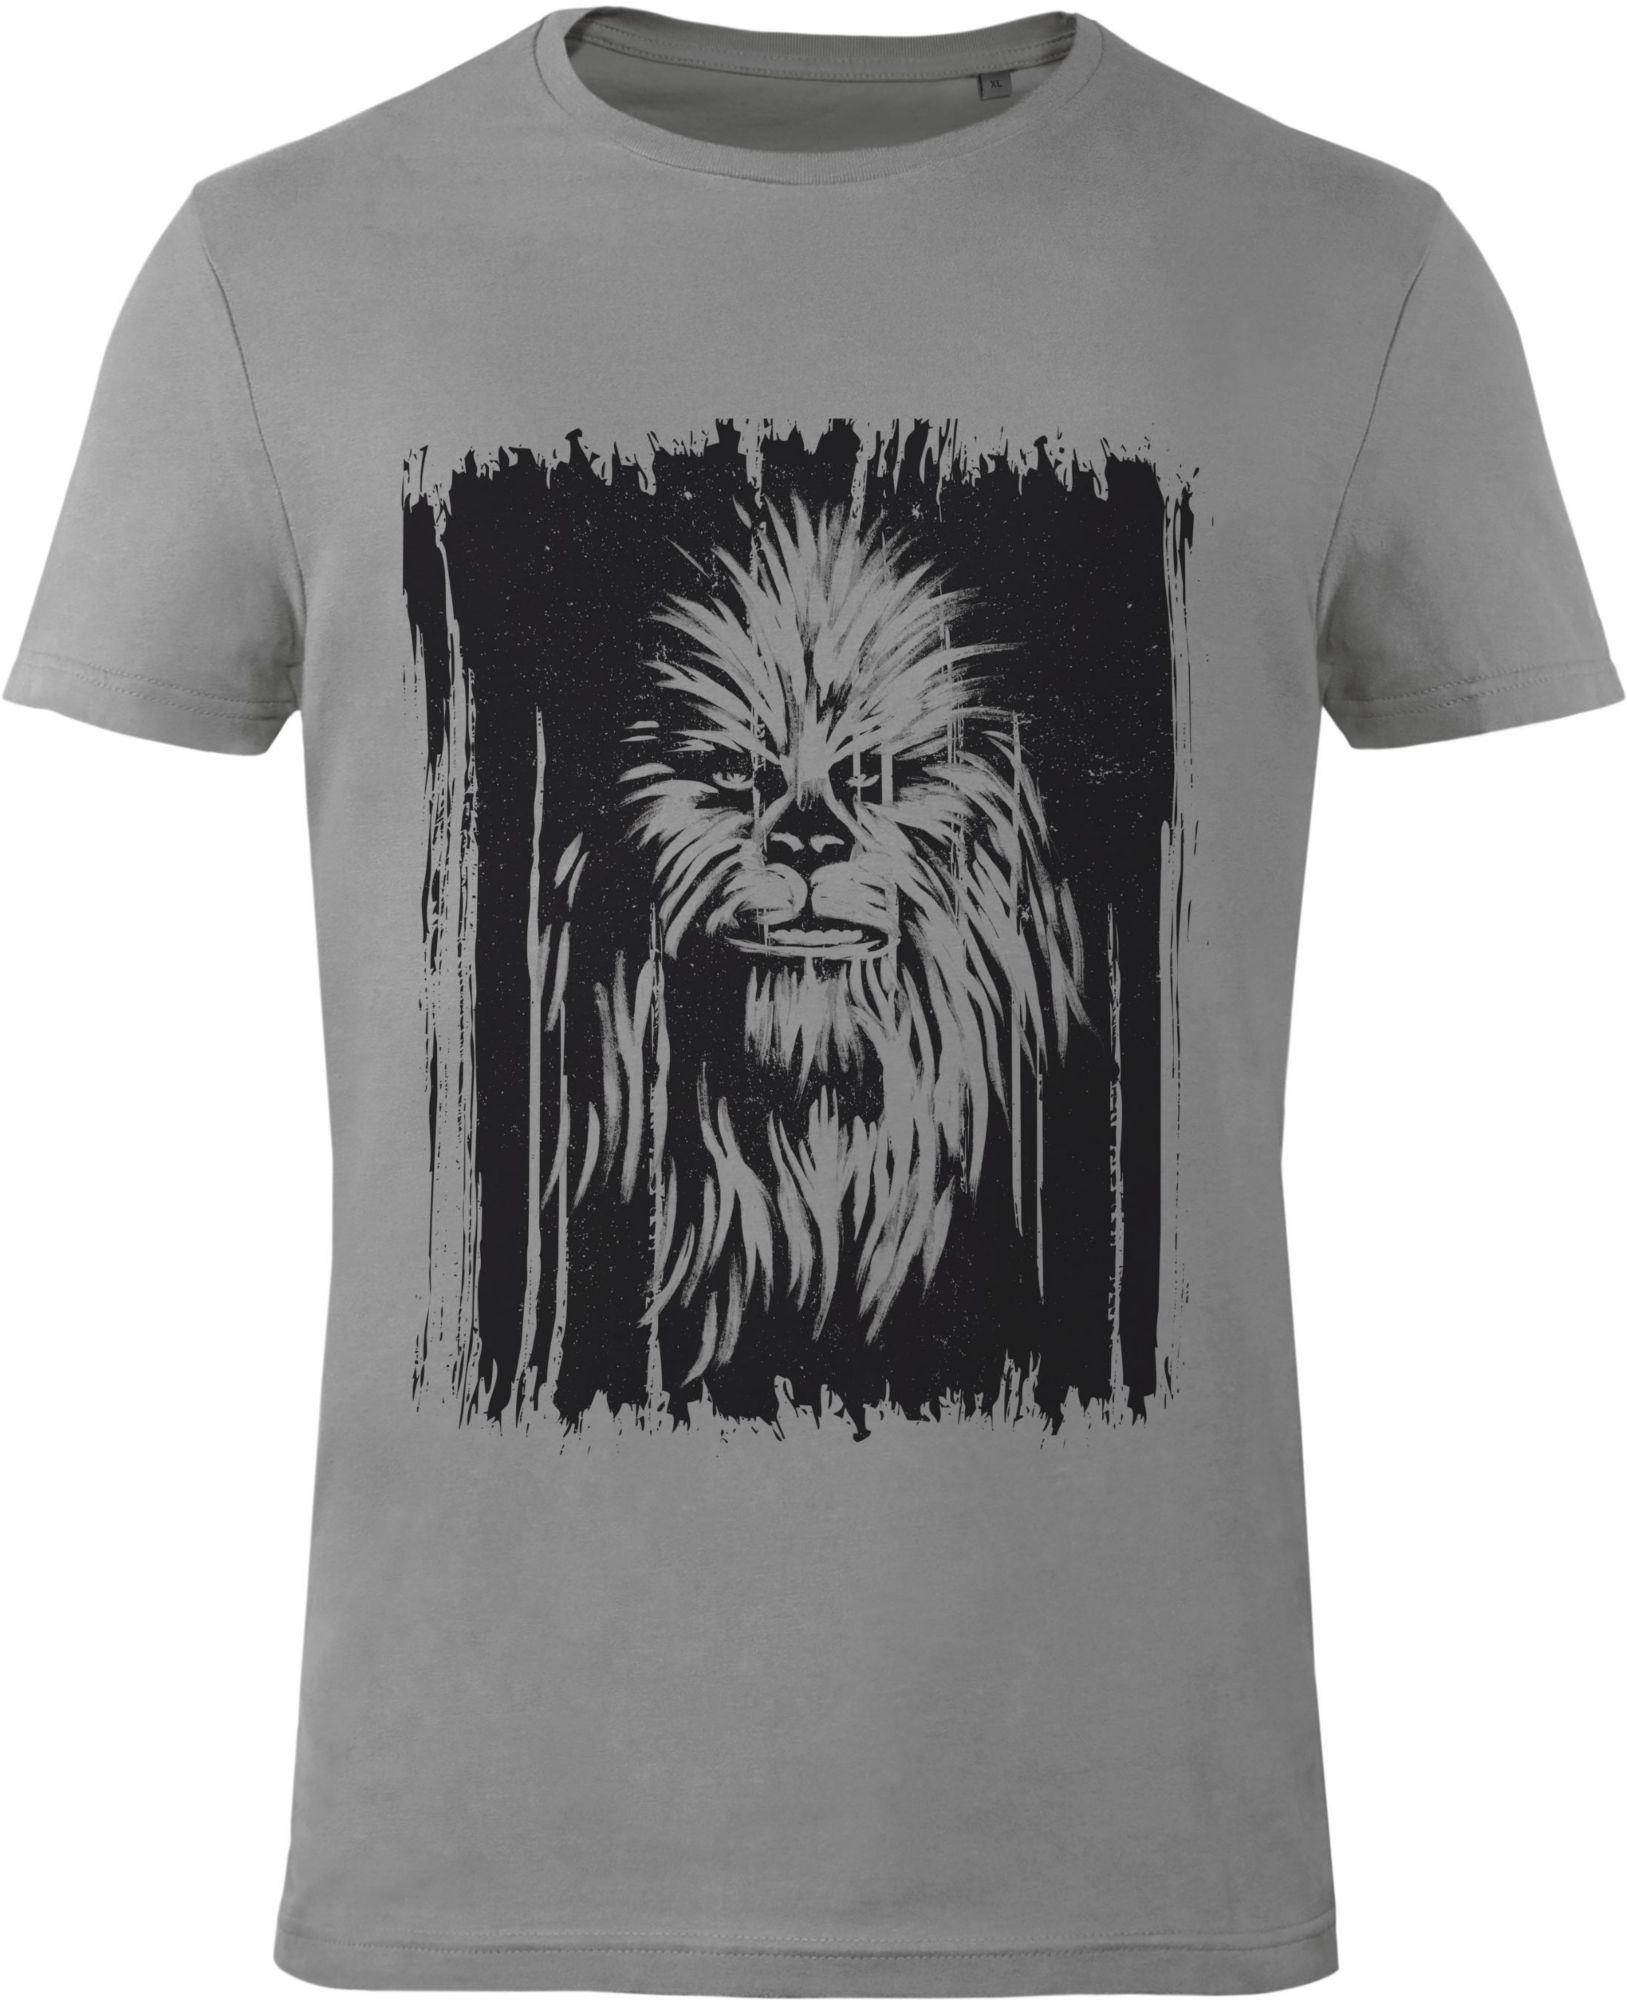 GOZOO Gozoo T-Shirt »Star Wars - Vintage Wookiee«